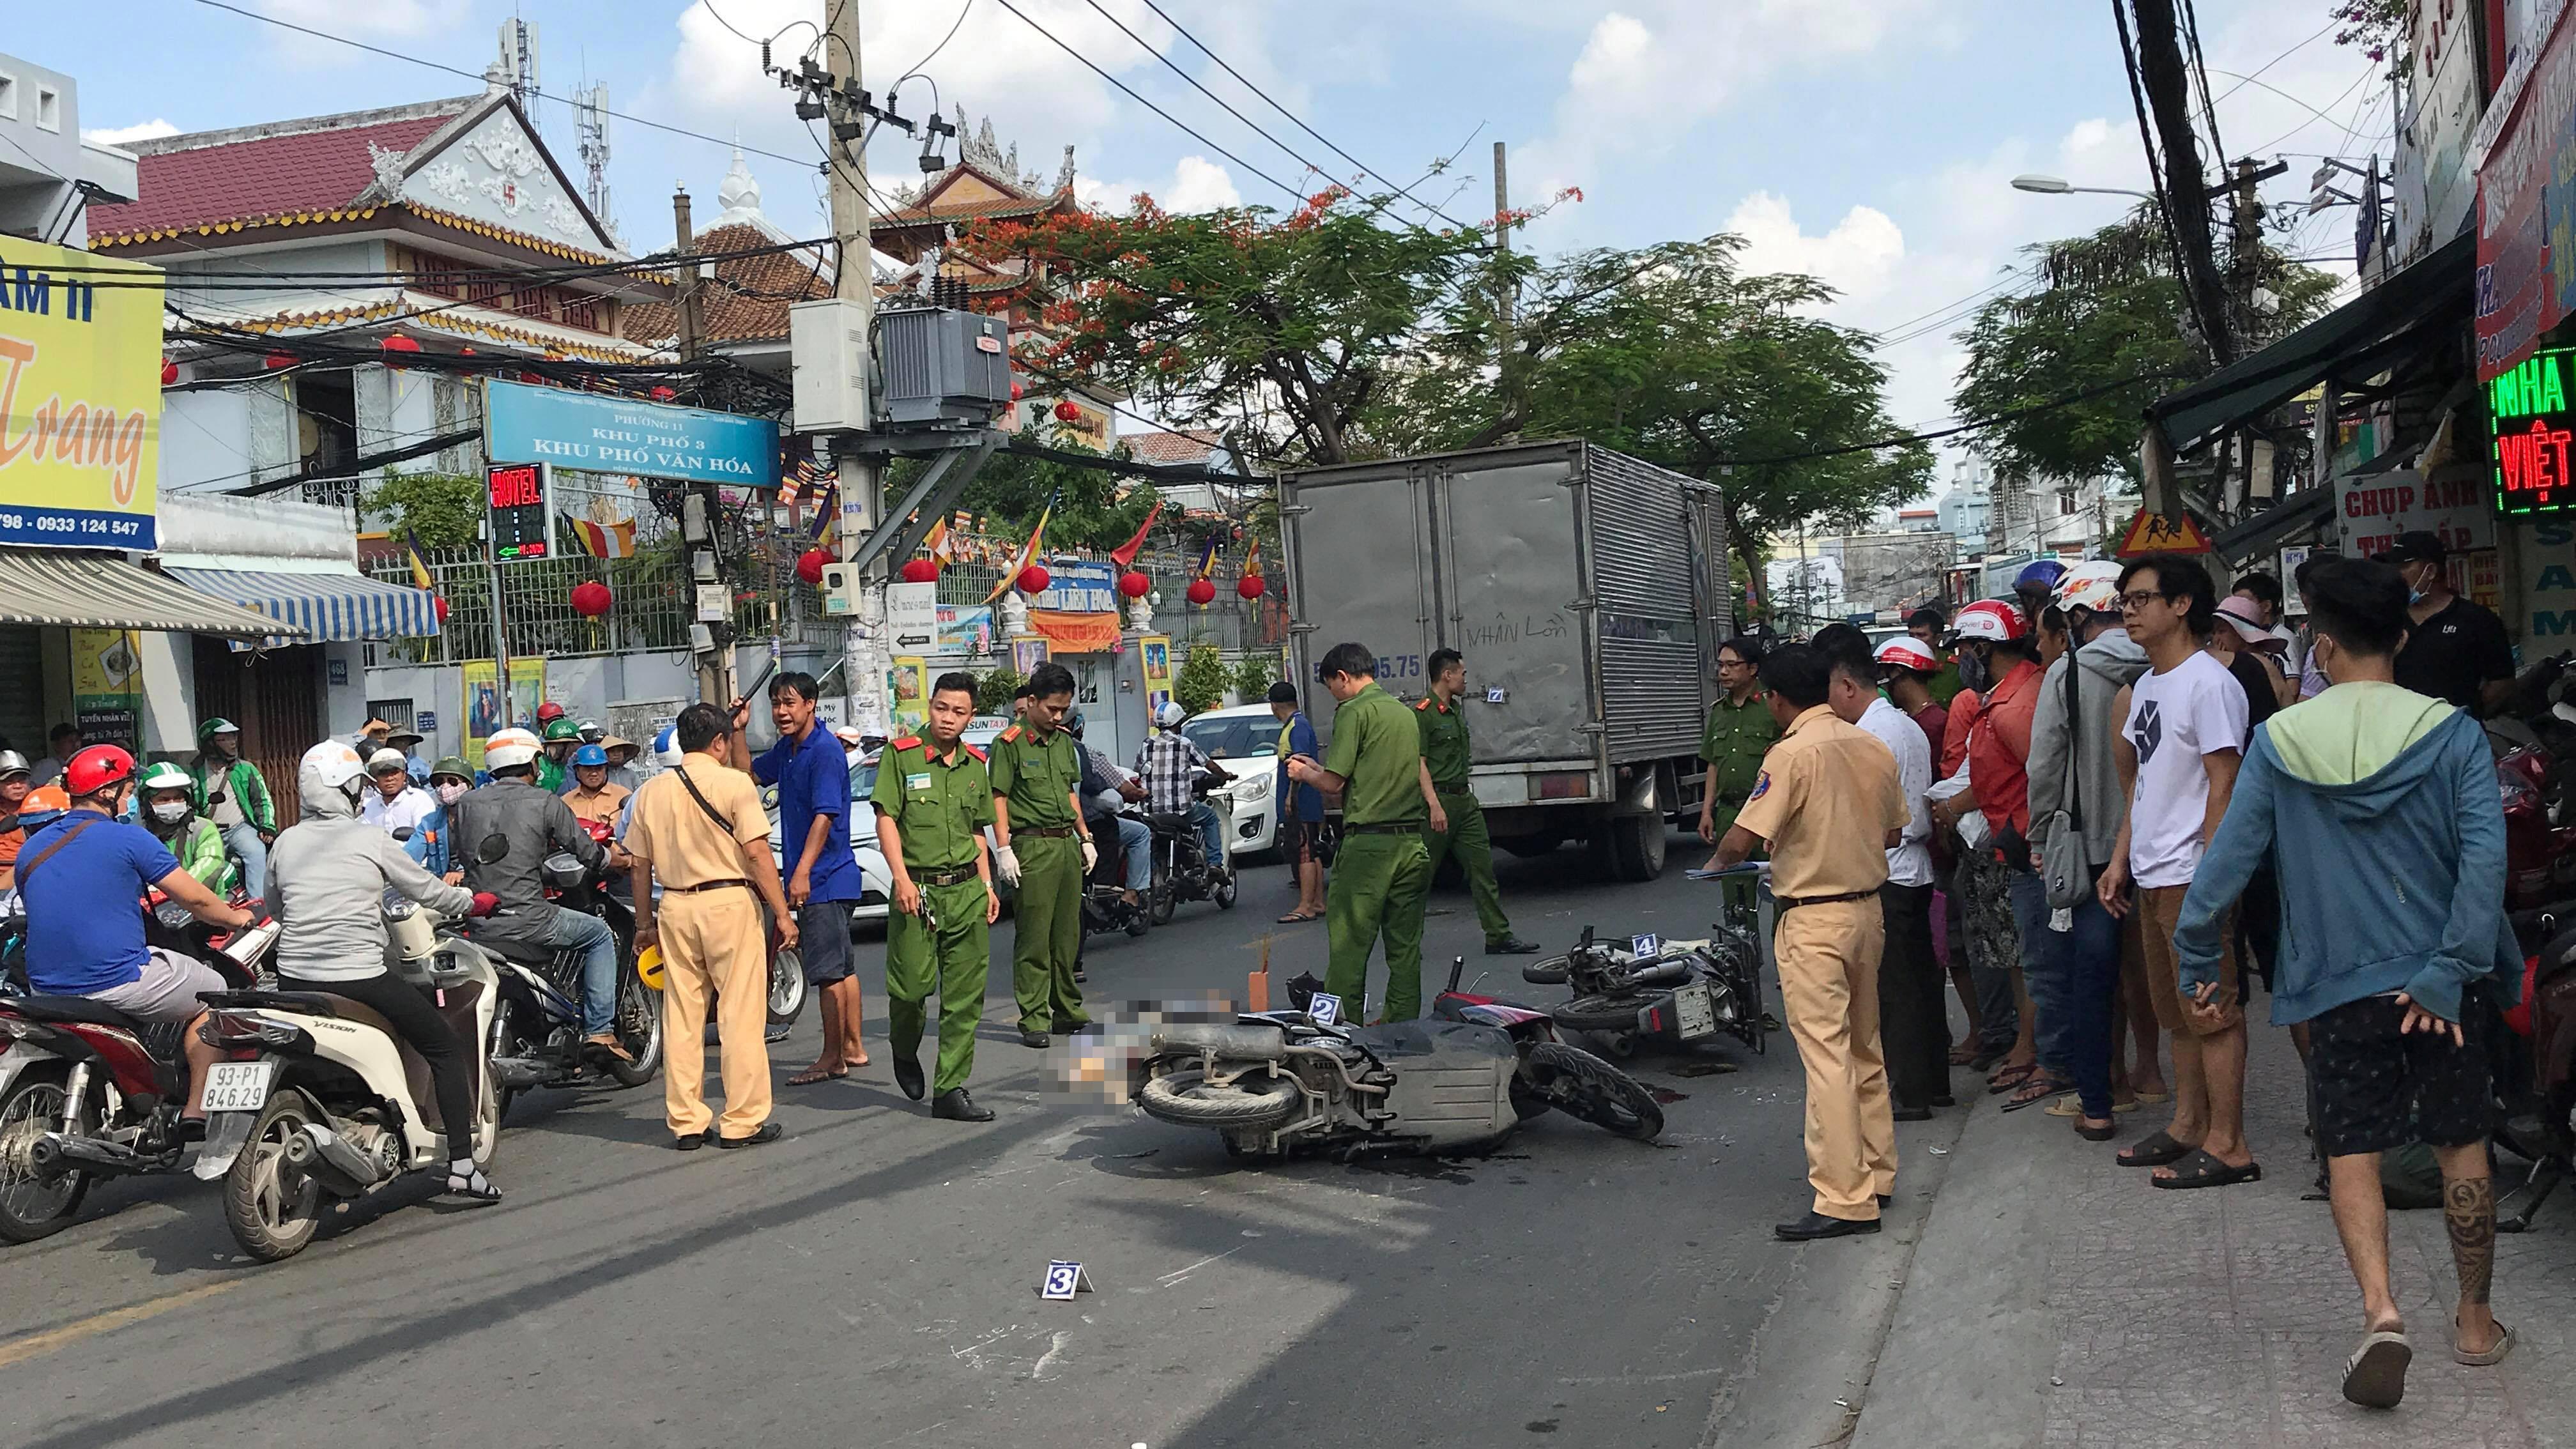 Va chạm ôtô tải, người phụ nữ tử vong ở Sài Gòn Ảnh 1